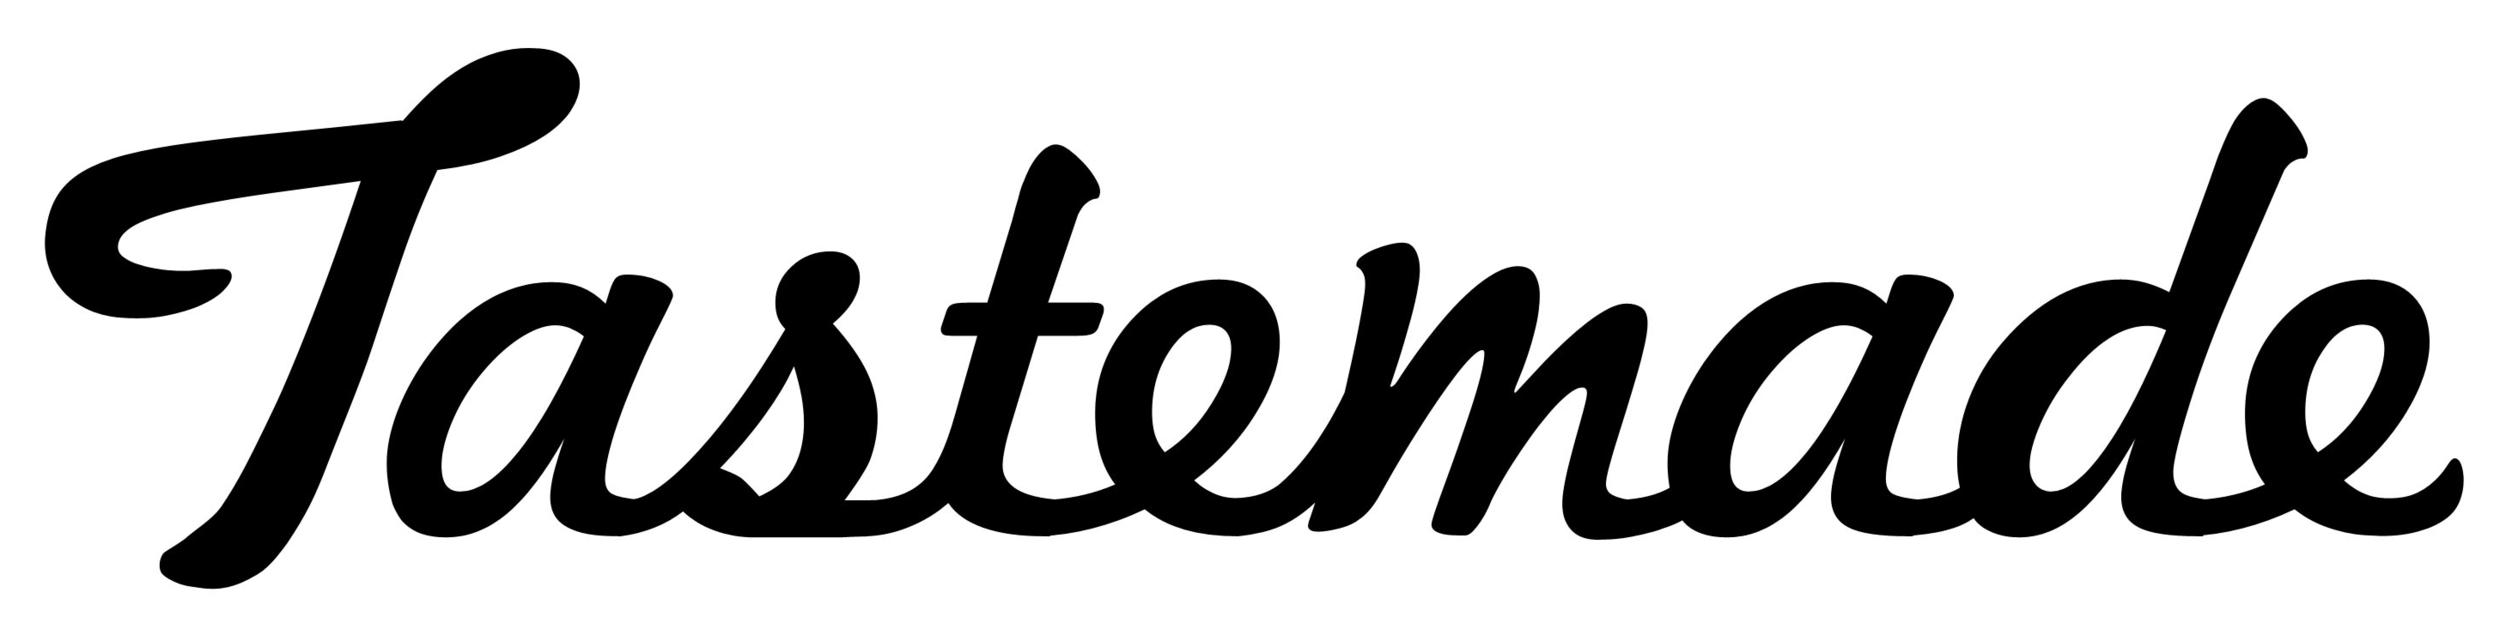 Tastemade_logo_logotype.png